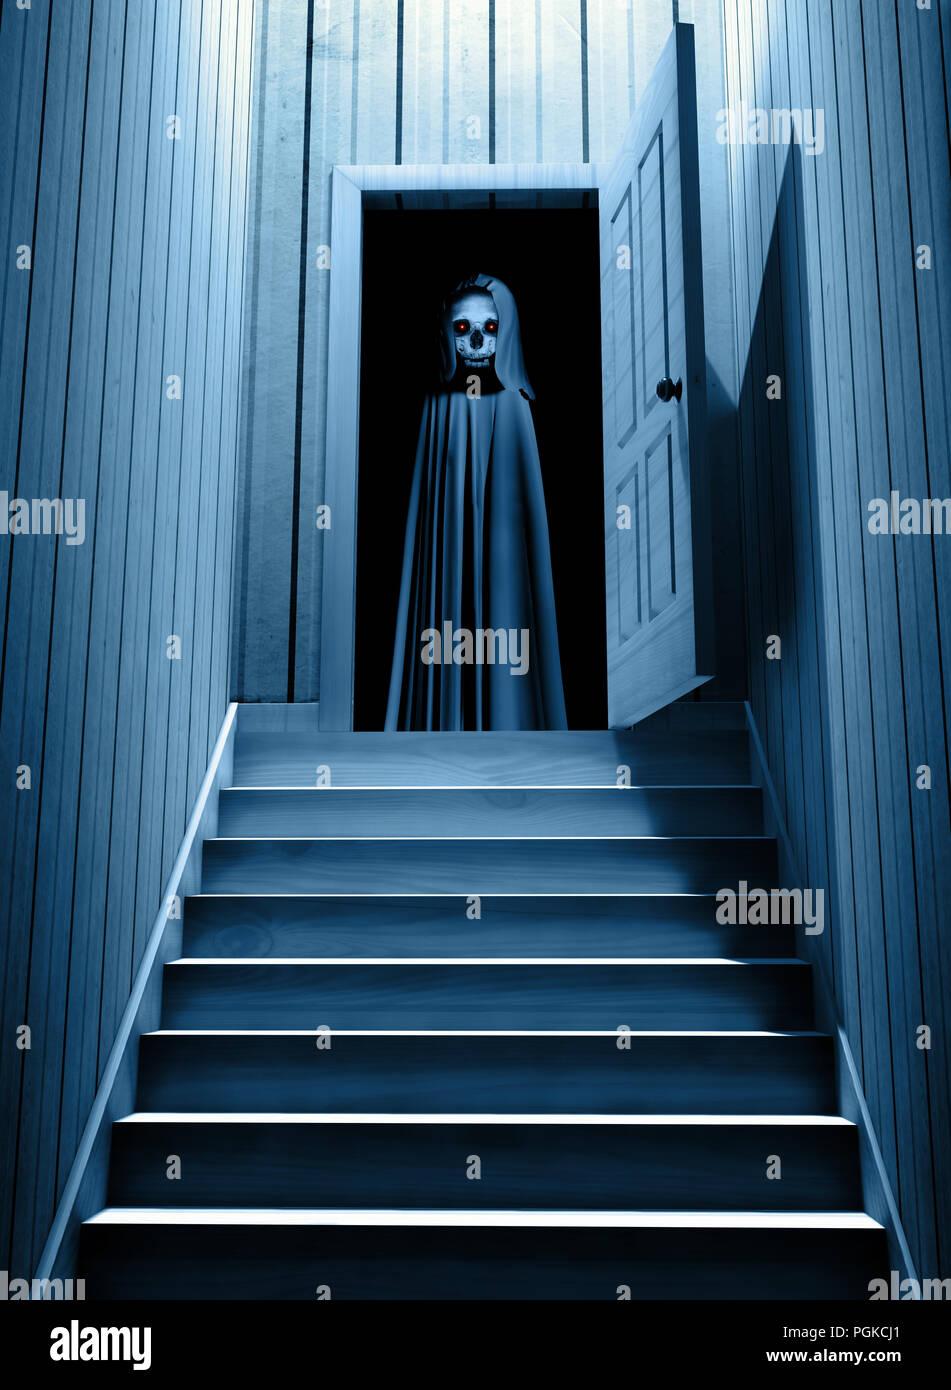 Spooky Tod in mit Kapuze Umhang mit glühenden Augen in geöffneten Tür Schritte von einem dunklen Keller. 3D-Rendering Stockfoto